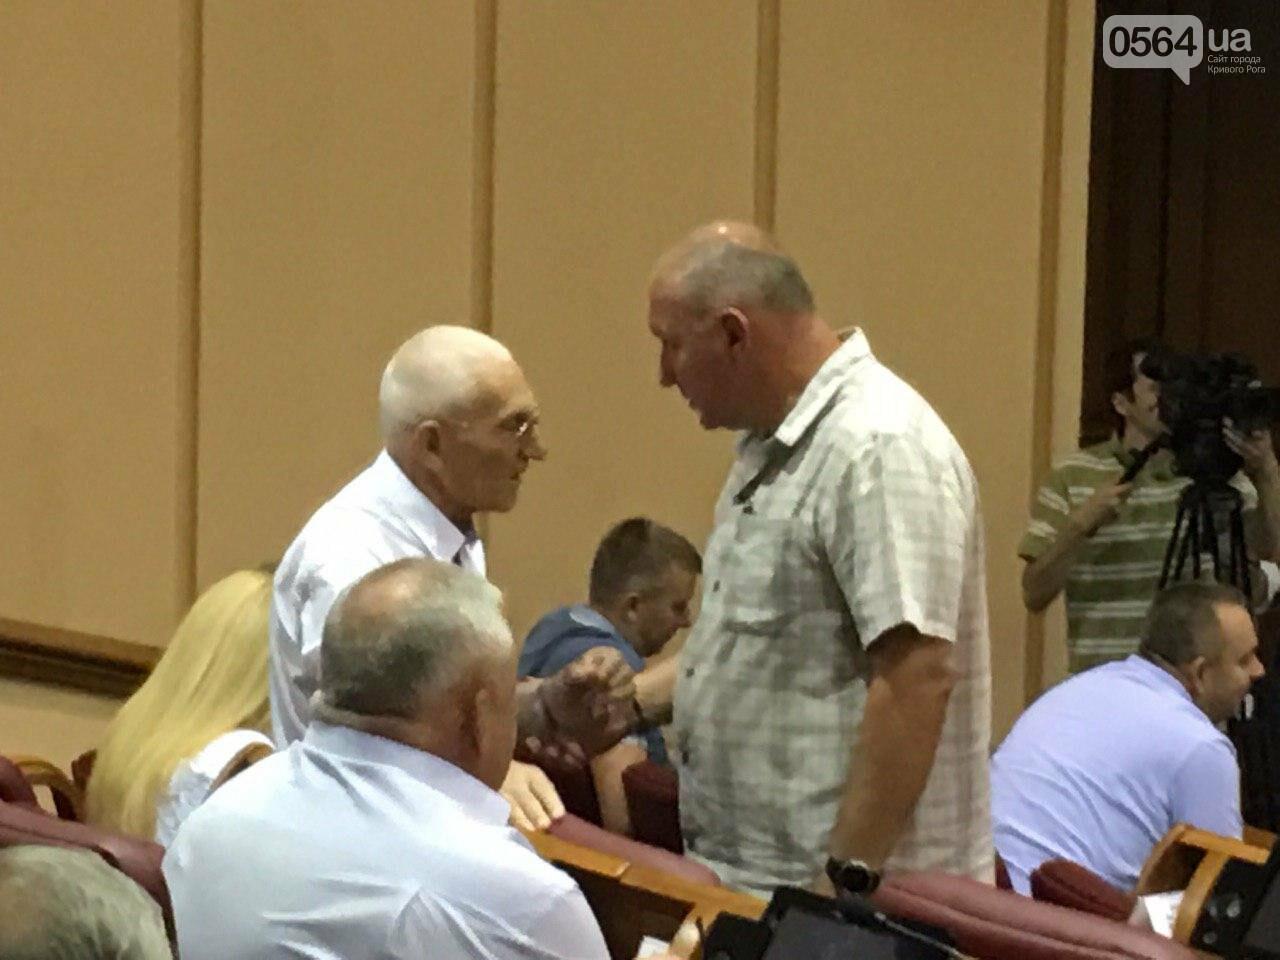 Депутат, который служит в зоне ООС, покинул фракцию Опоблока в Криворожском горсовете , - ФОТО, фото-17